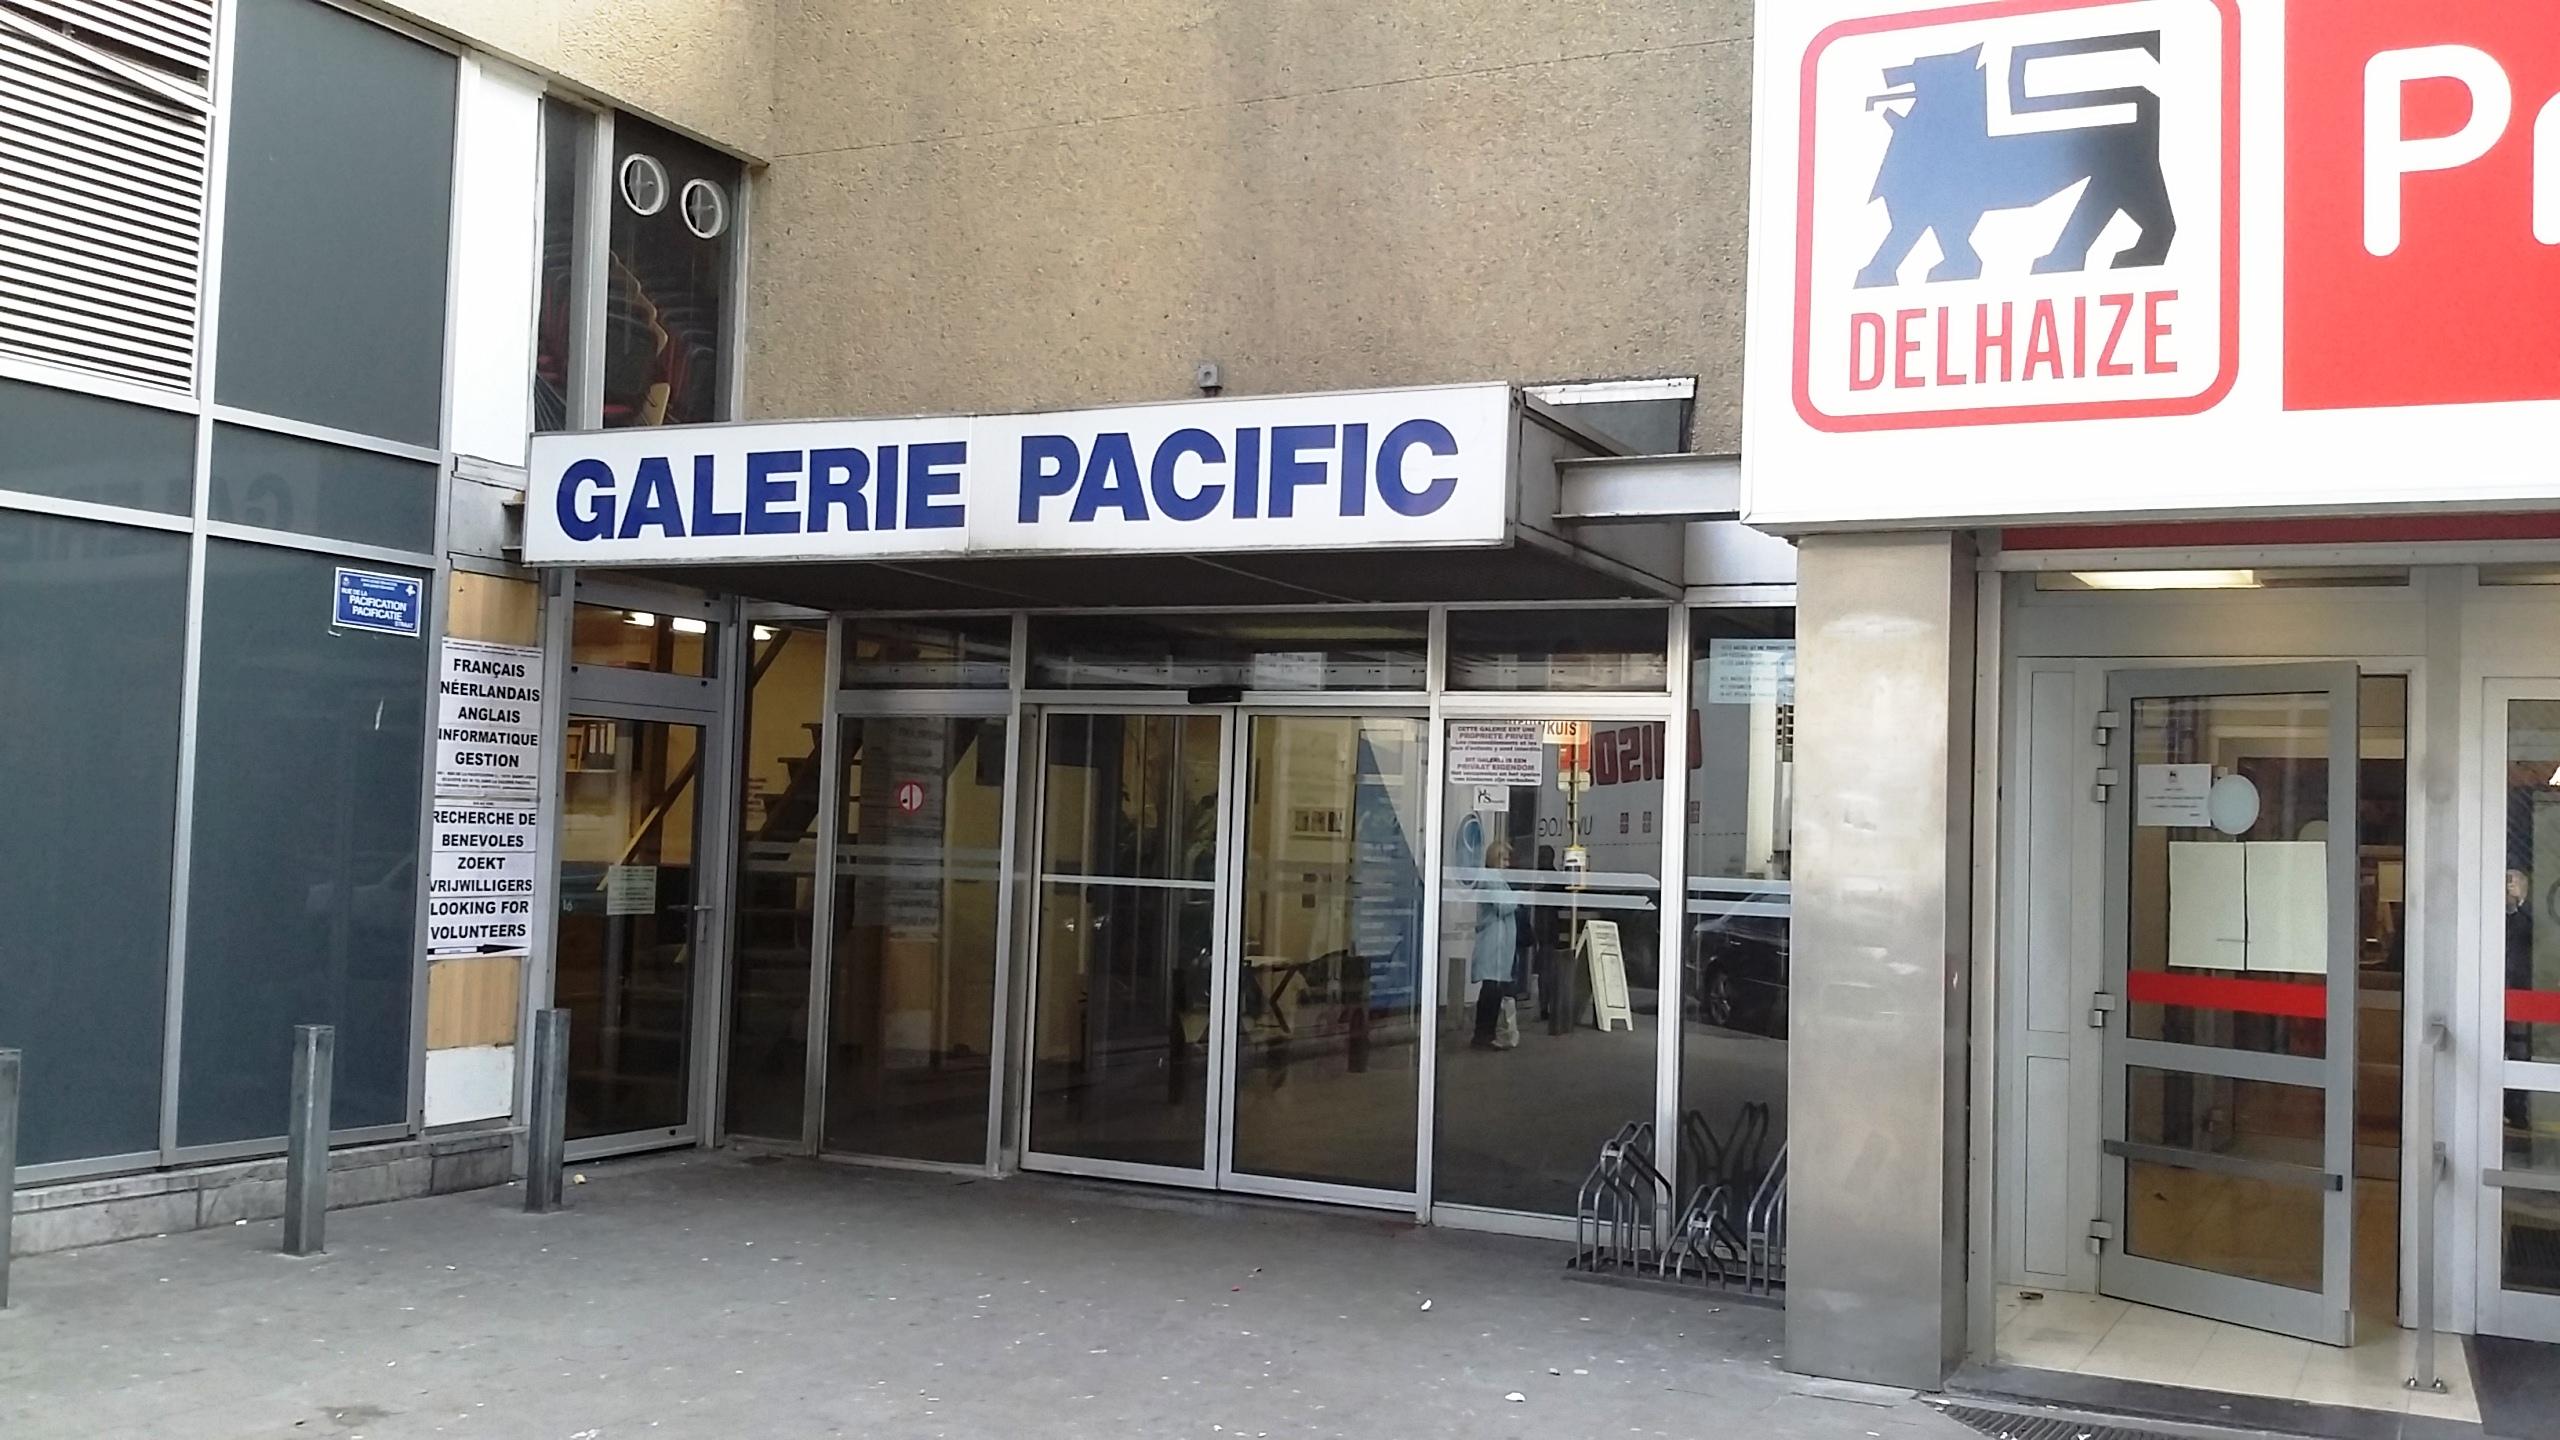 formations de gestion de base pour les chefs d'entreprise ou les indépendants / gestion commerciale / cours de connaissances de gestion de base à Bruxelles, à Saint-Josse